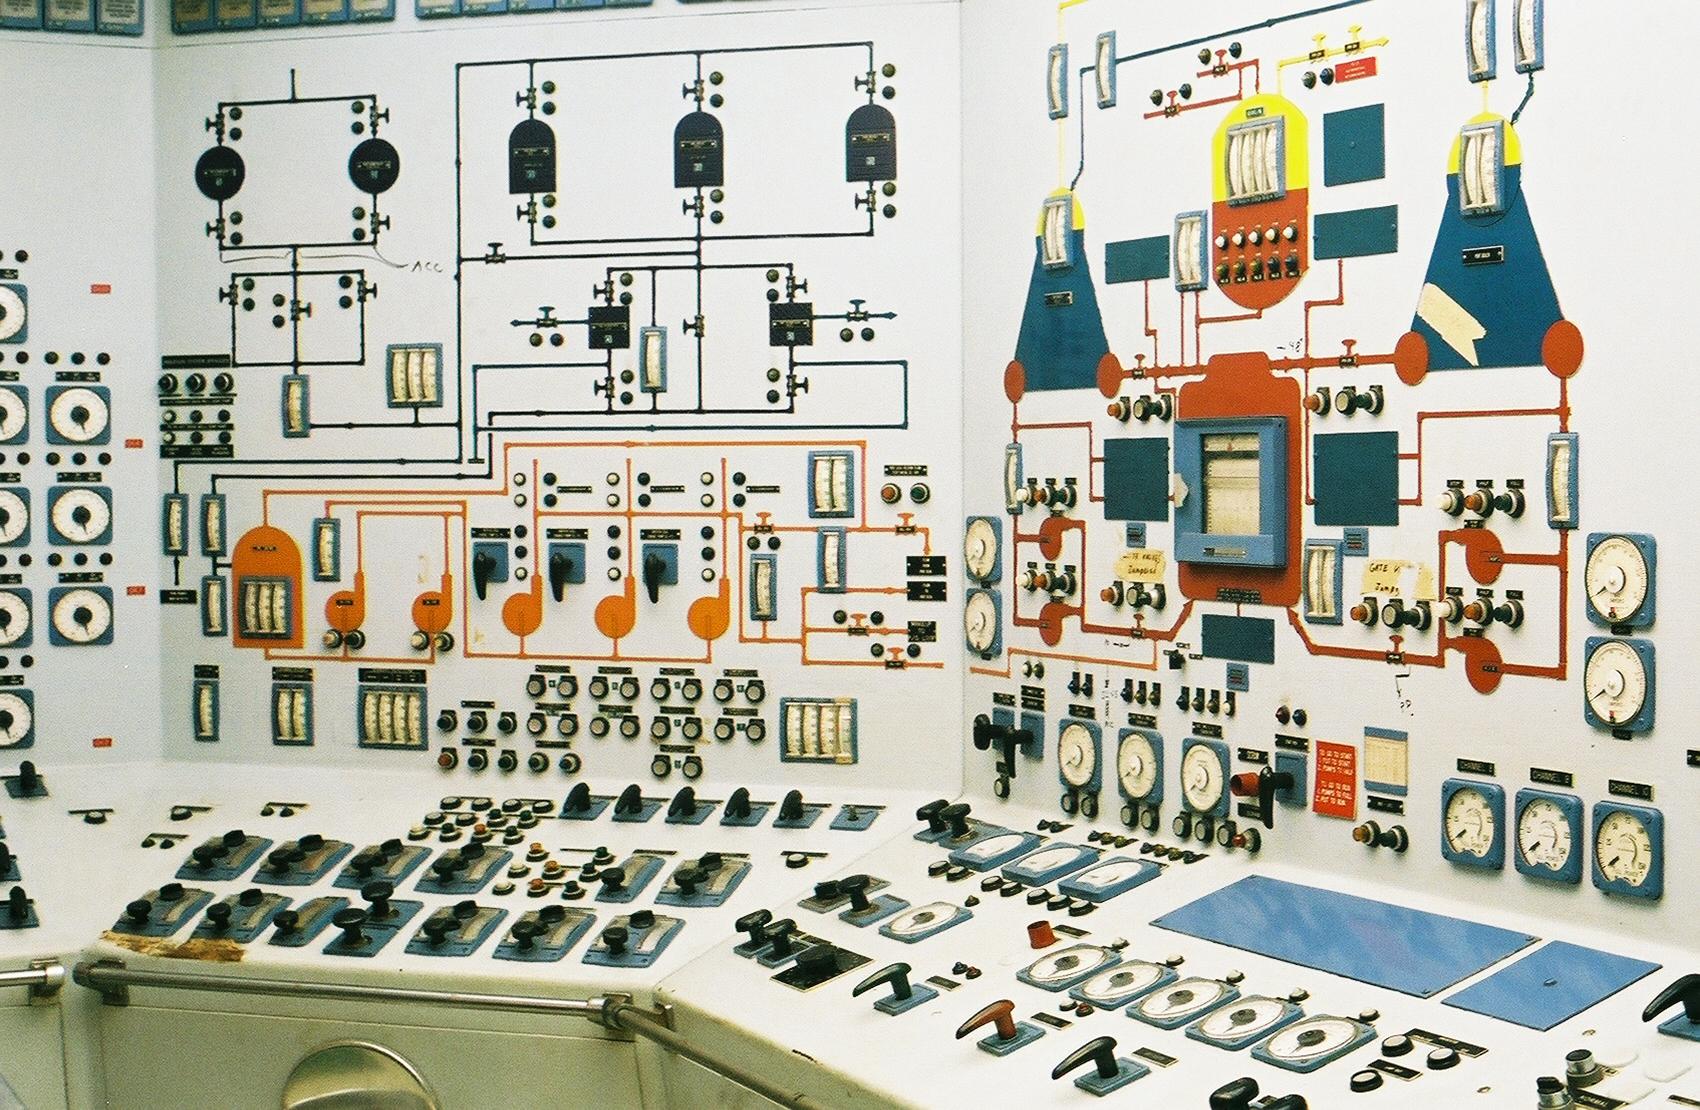 ¿Puede haber algo más bello que estas salas de control soviéticas?